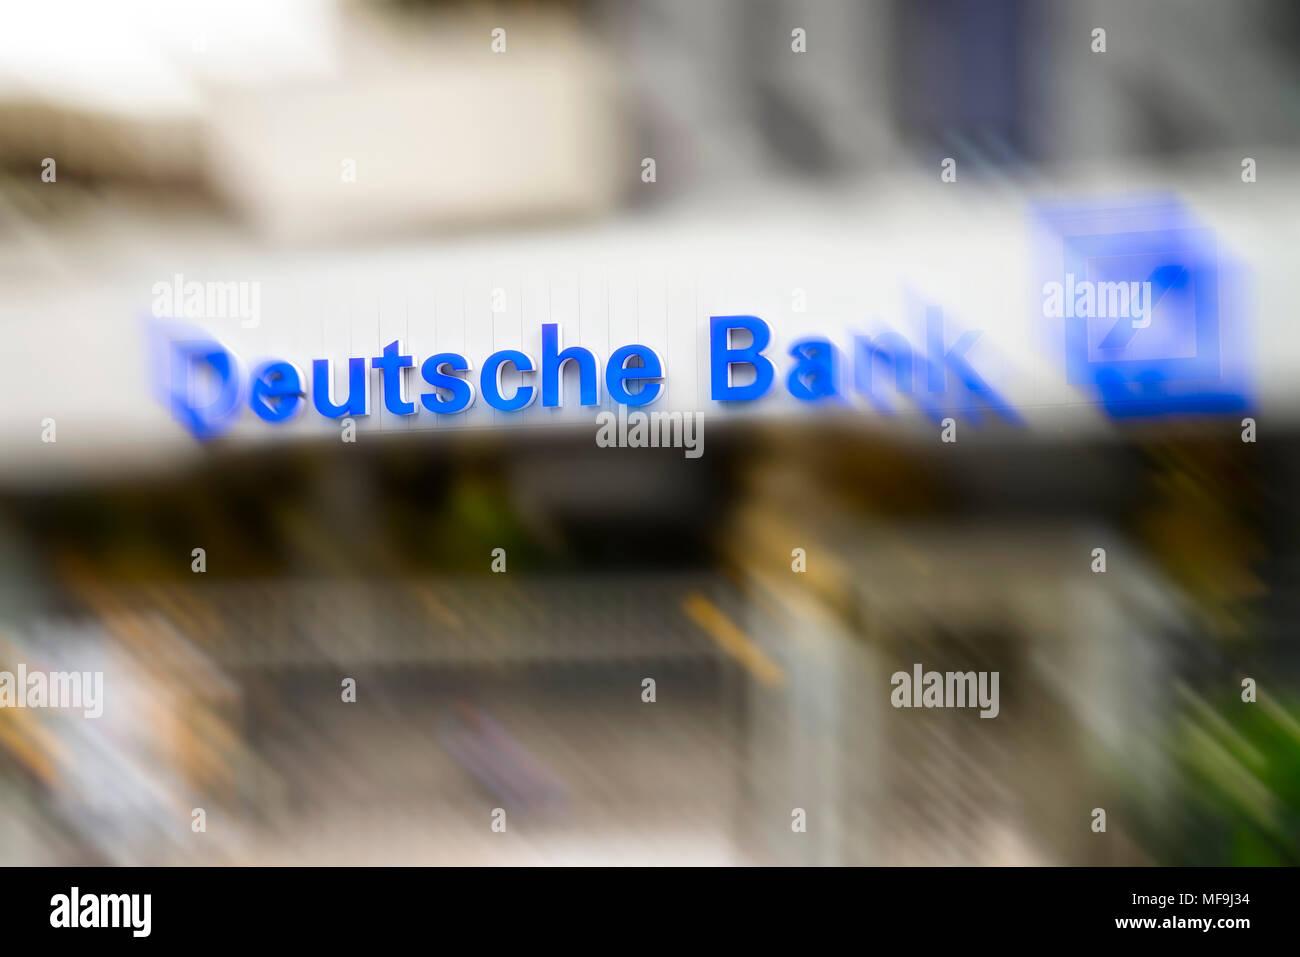 Logo der Deutschen Bank am Eingang des Technology Center Eschborn (TZE) in der Nähe von Frankfurt mit der Bewegungsunschärfe Stockbild